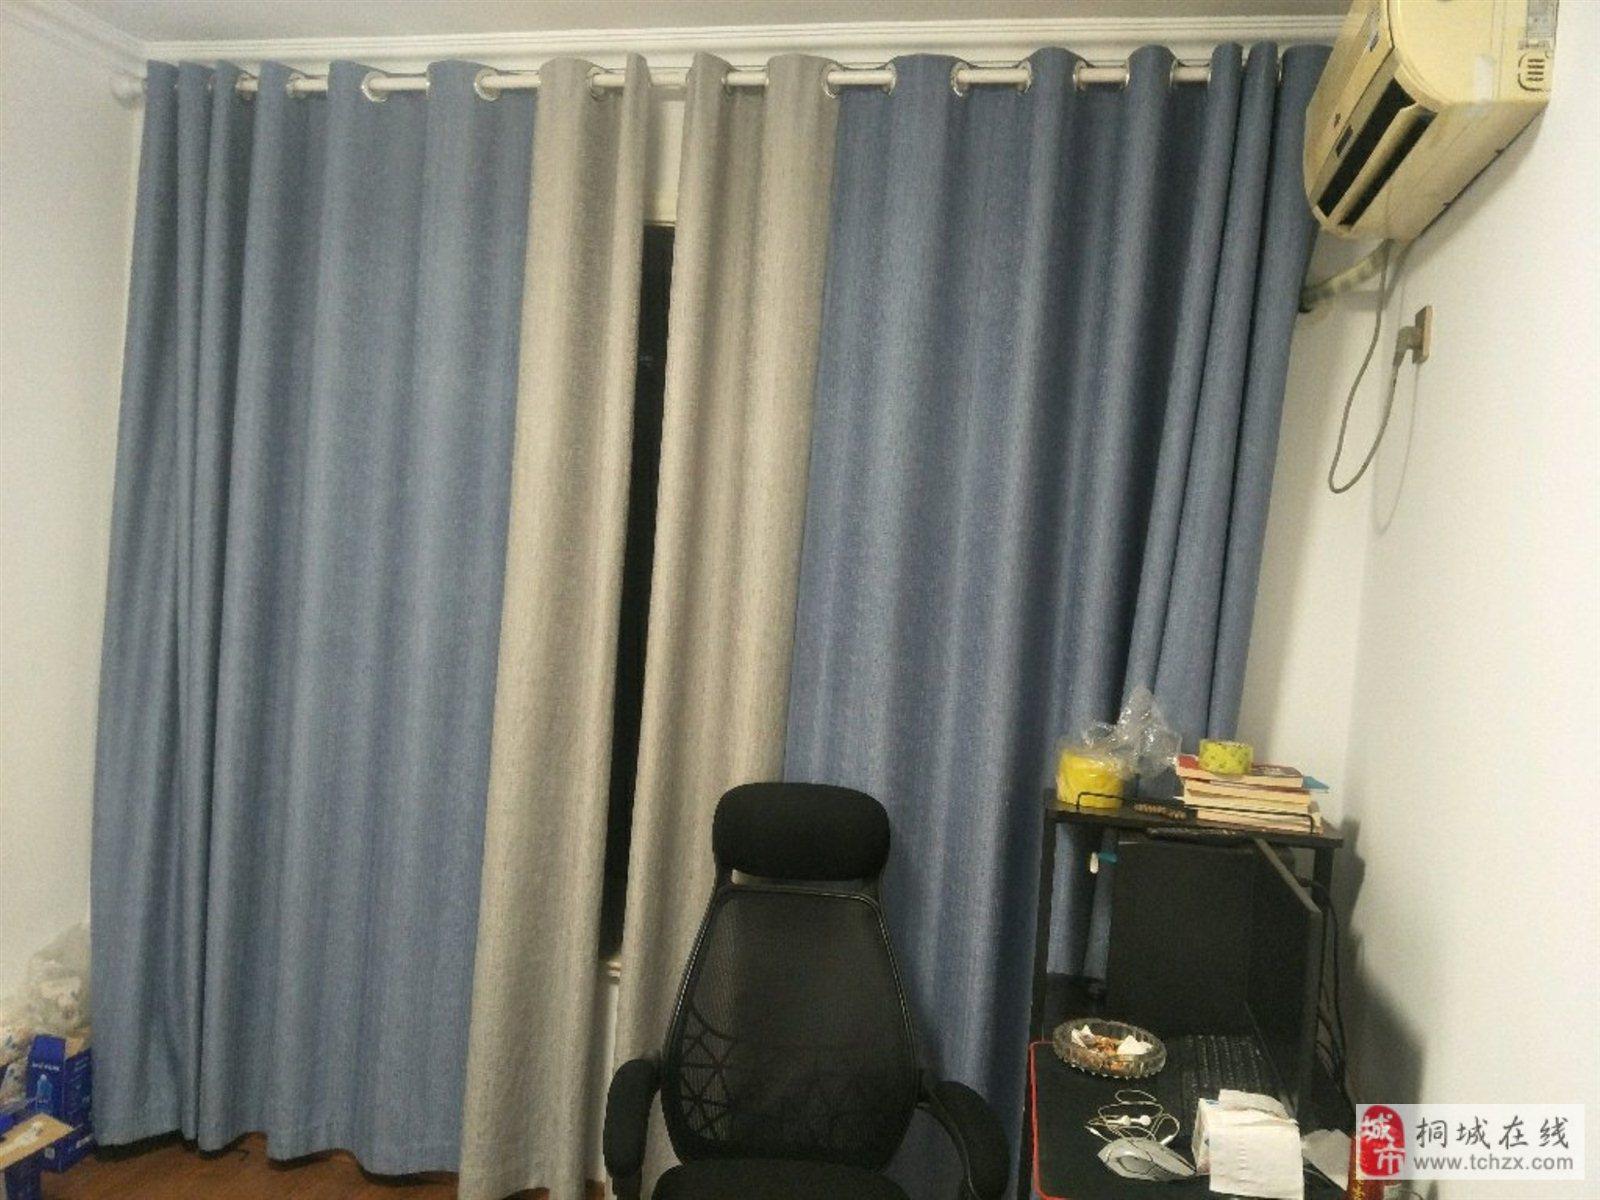 香樟园3室2厅1卫精装修的拎包入住装修费能贷款